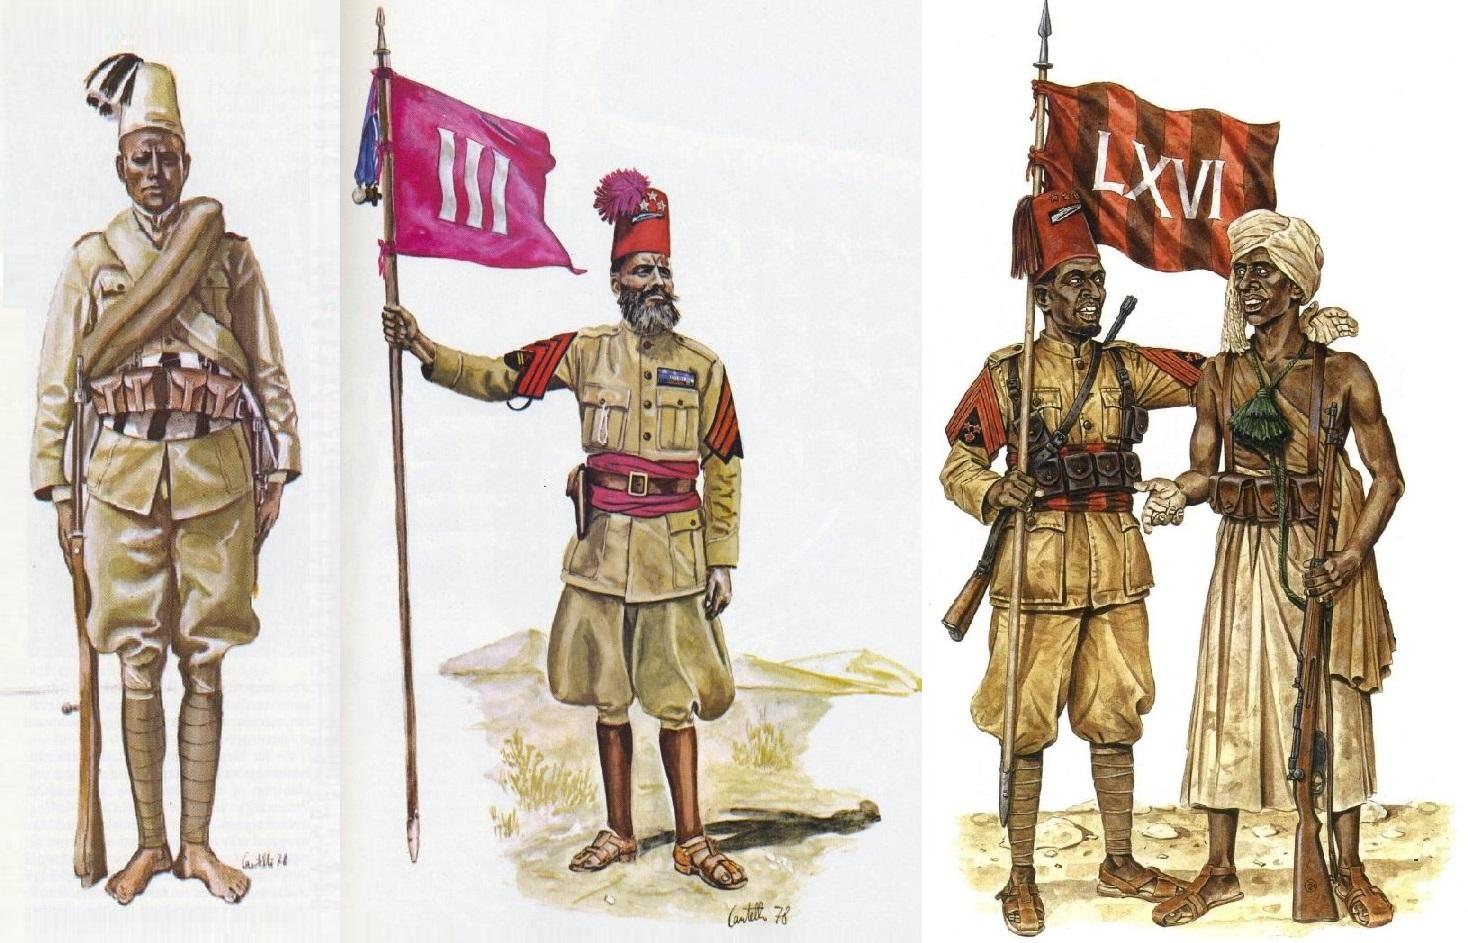 Аскари 17го эритрейского батальона в полевой форме. Шумбаши 3го эритрейского батальона, меткий стрелок, два ранения, 10 лет службы. Юзбаши 66го батальона, тоже меткий стрелок, 6 лет службы, и Вождь-командир (зеленый шнур) дубатов.